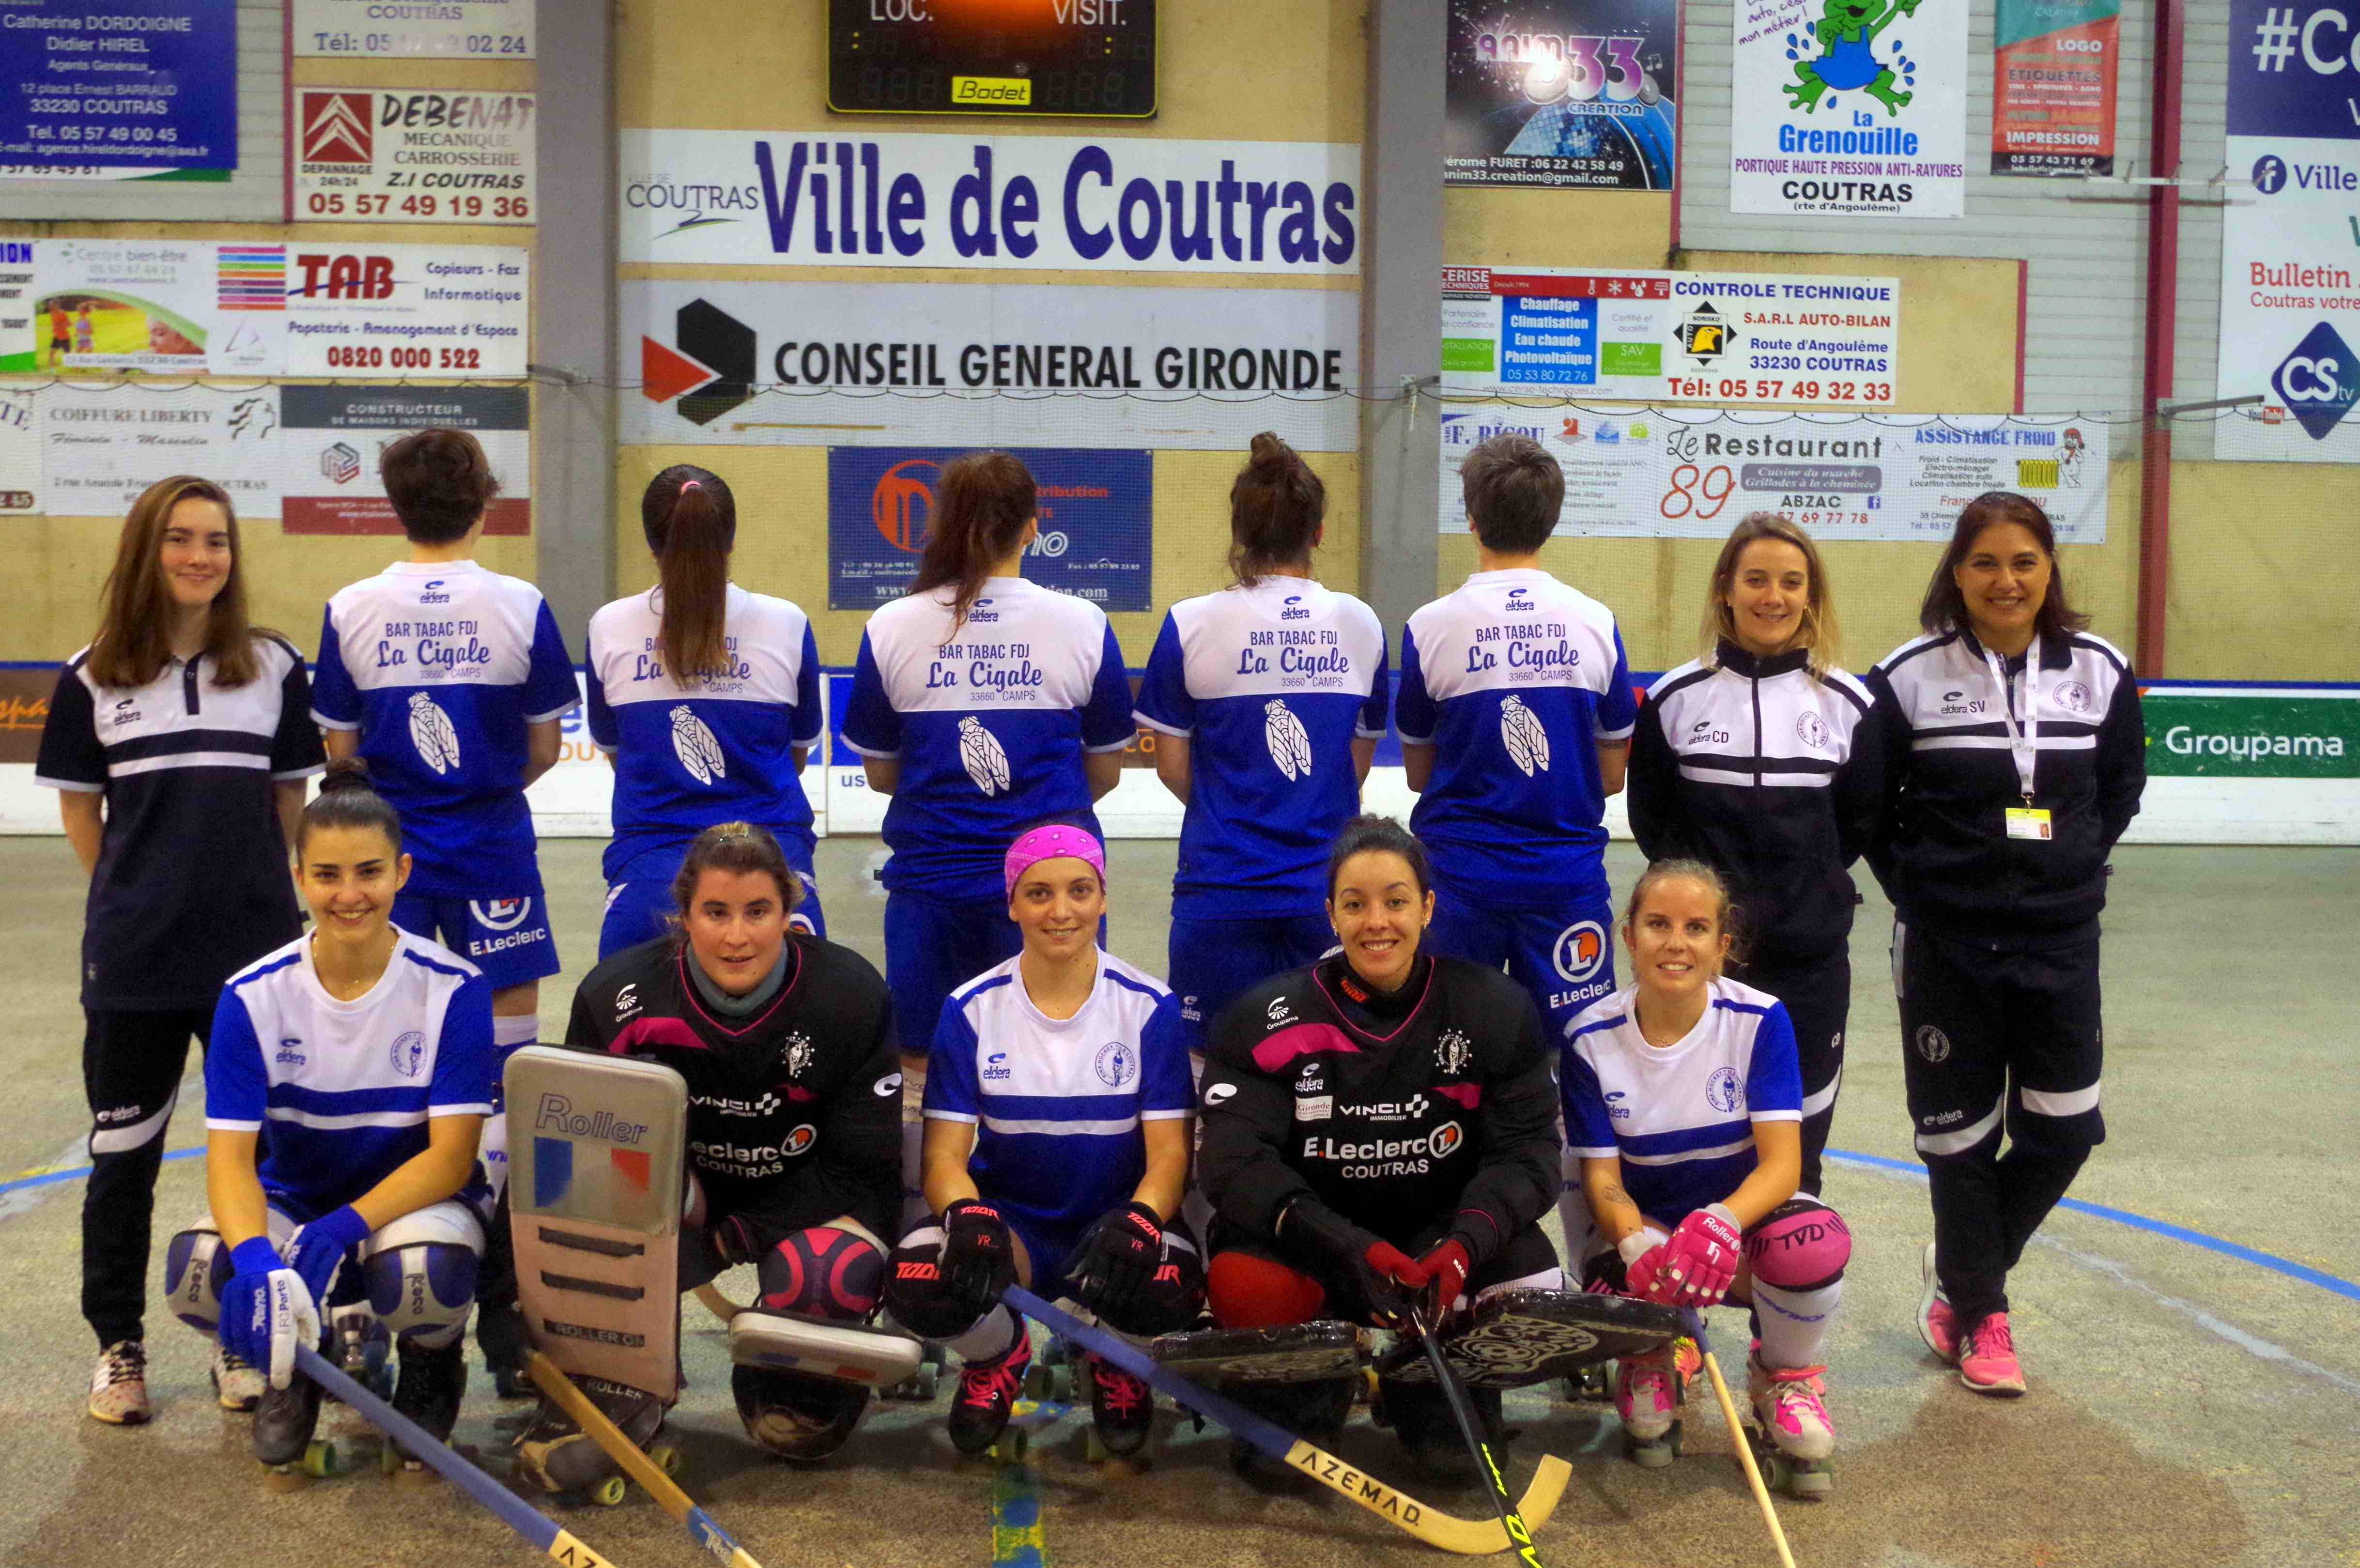 Les filles avec leur nouveau maillot pour l échauffement… ensuite tenue  officielle pour la rencontre 26ada7b82f55